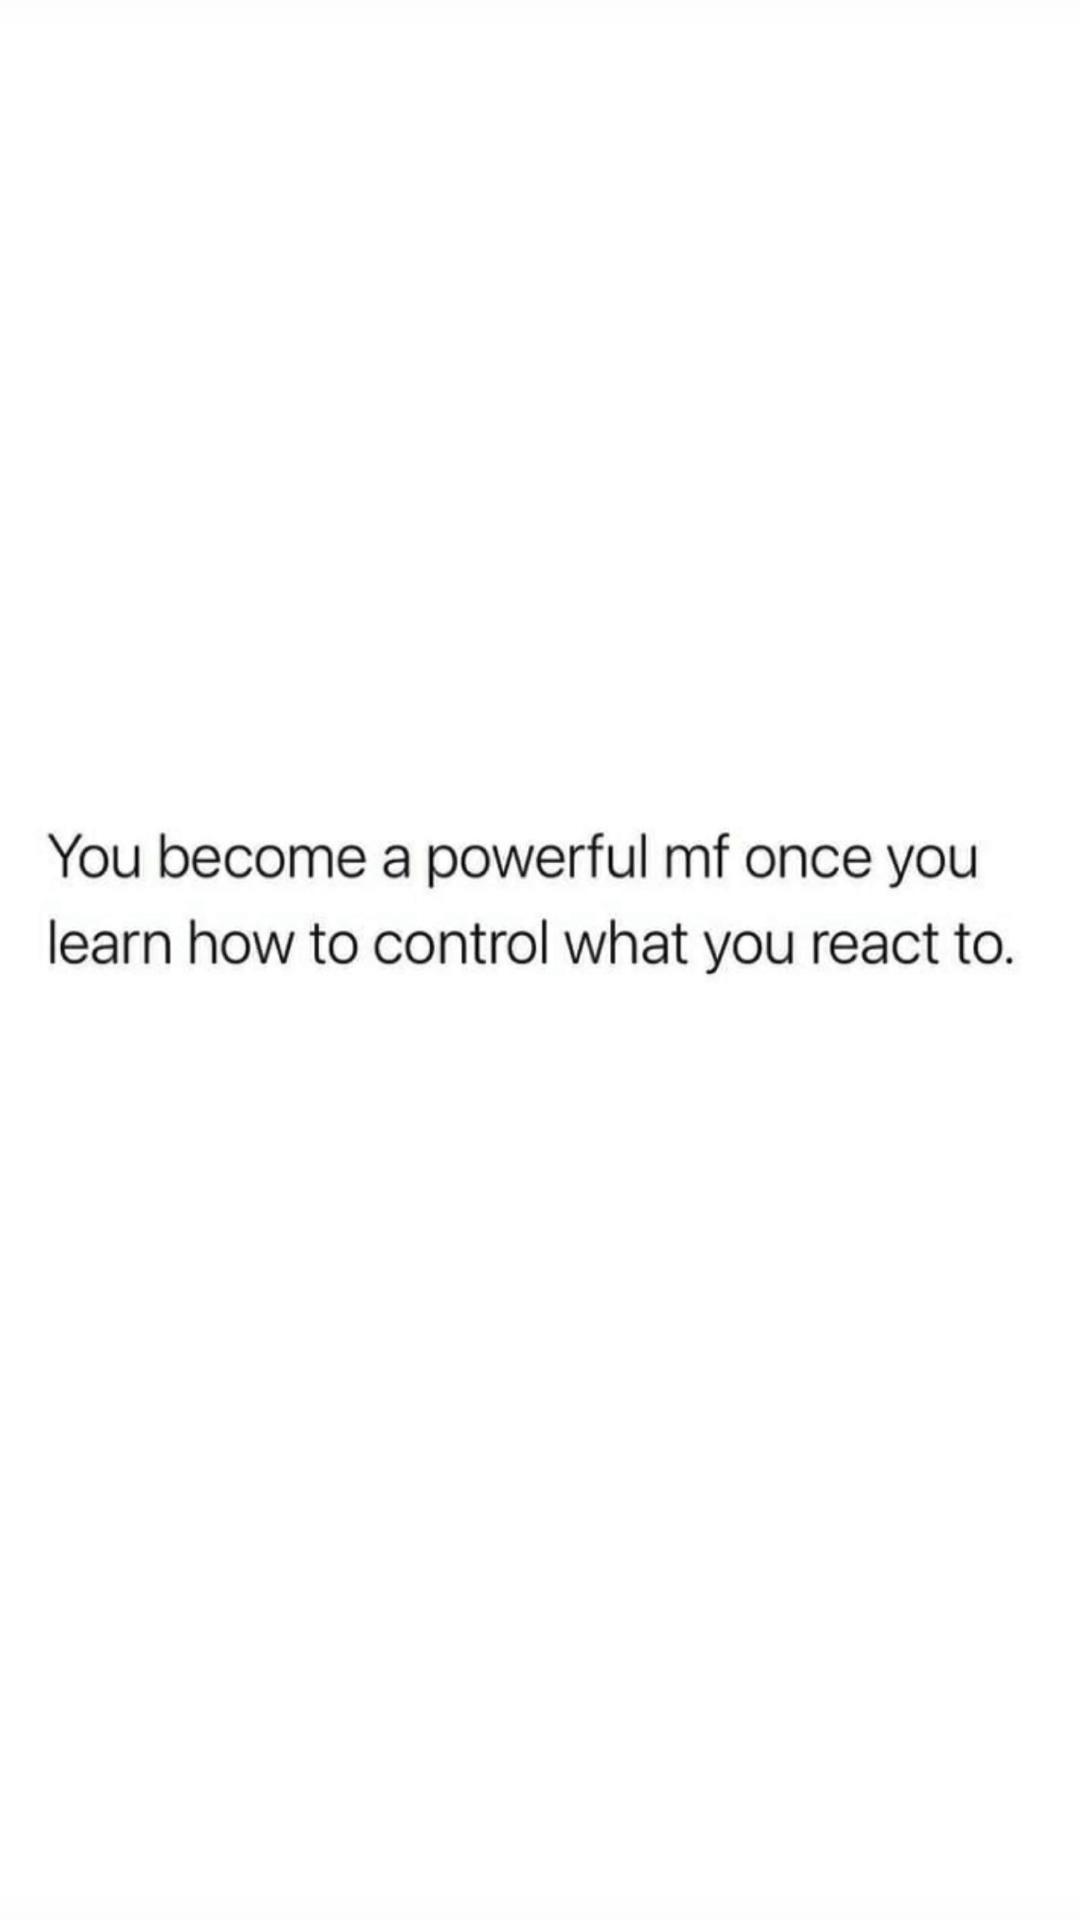 MF quotes